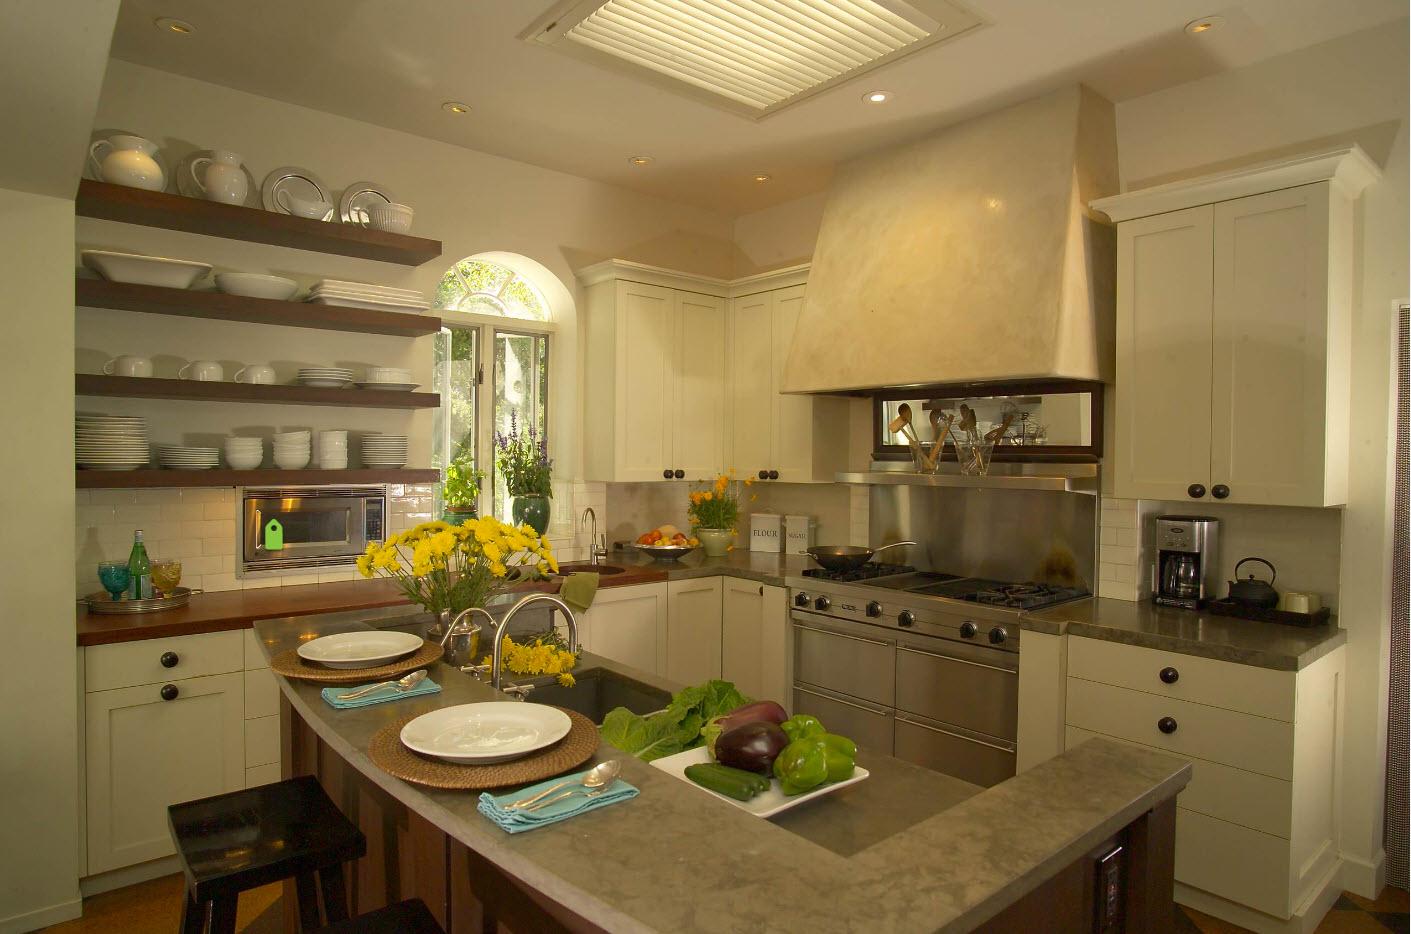 Полки в кухне для хранения и декора